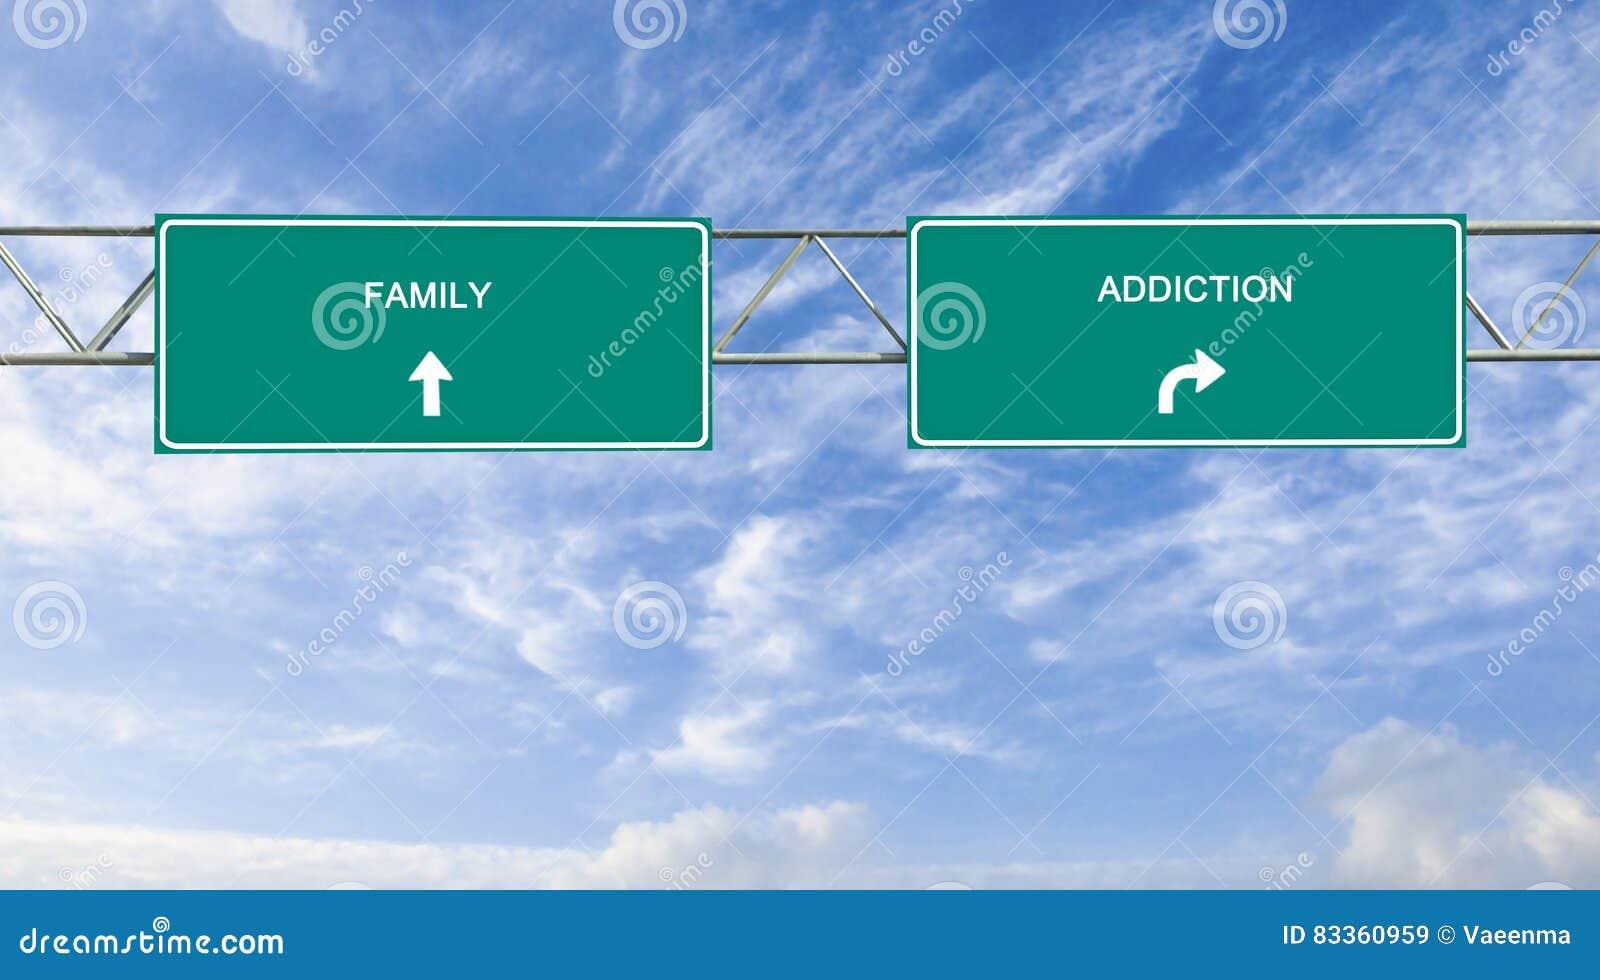 Nałóg i rodzina